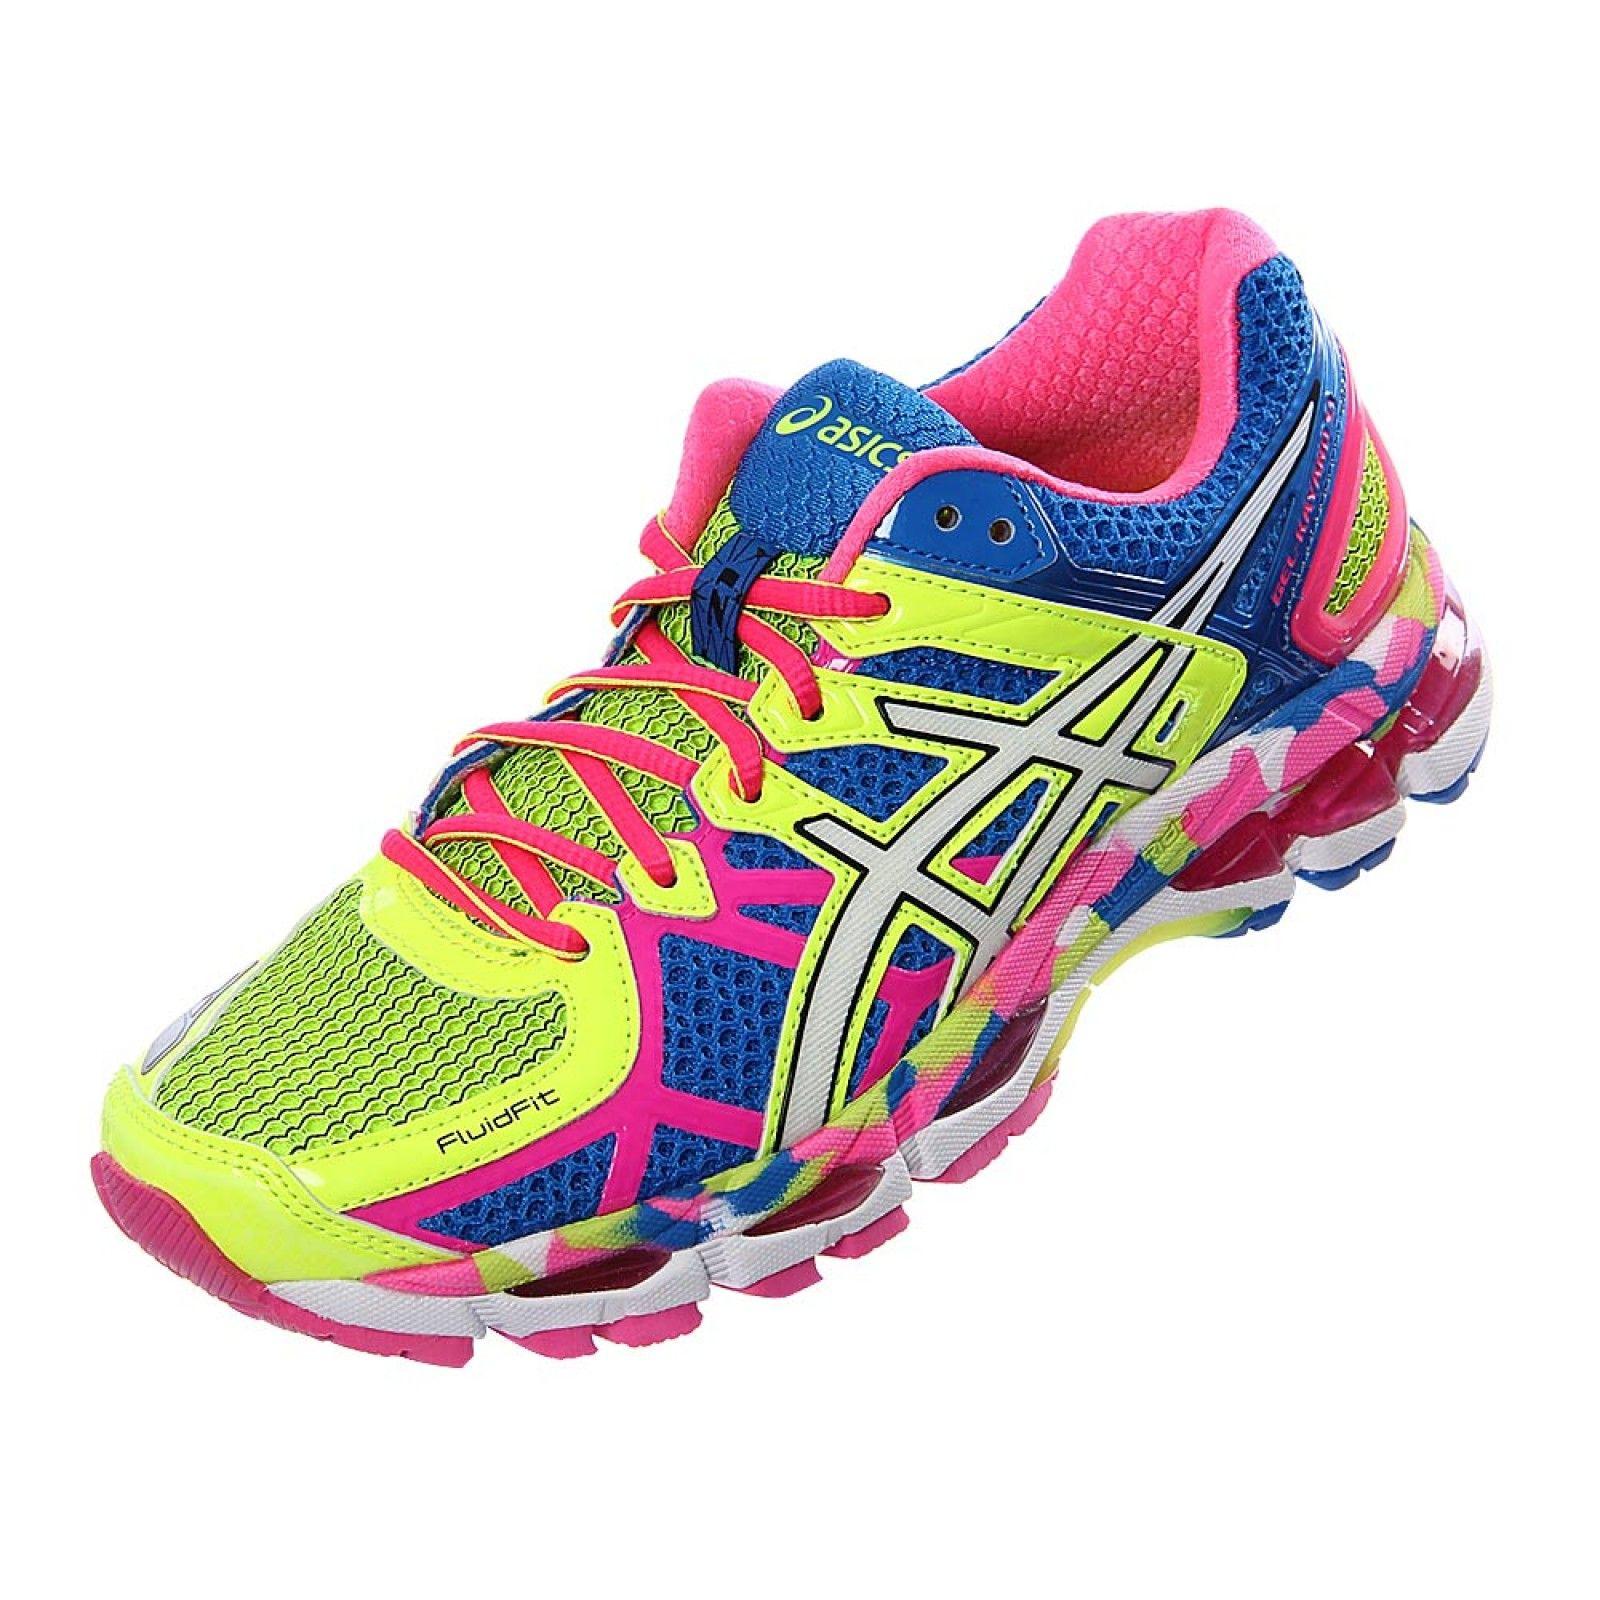 bcc86b21aa oisellestartinglines Women s Asics Gel Kayano 21 Running ... tenis asics  kayano 21 feminino